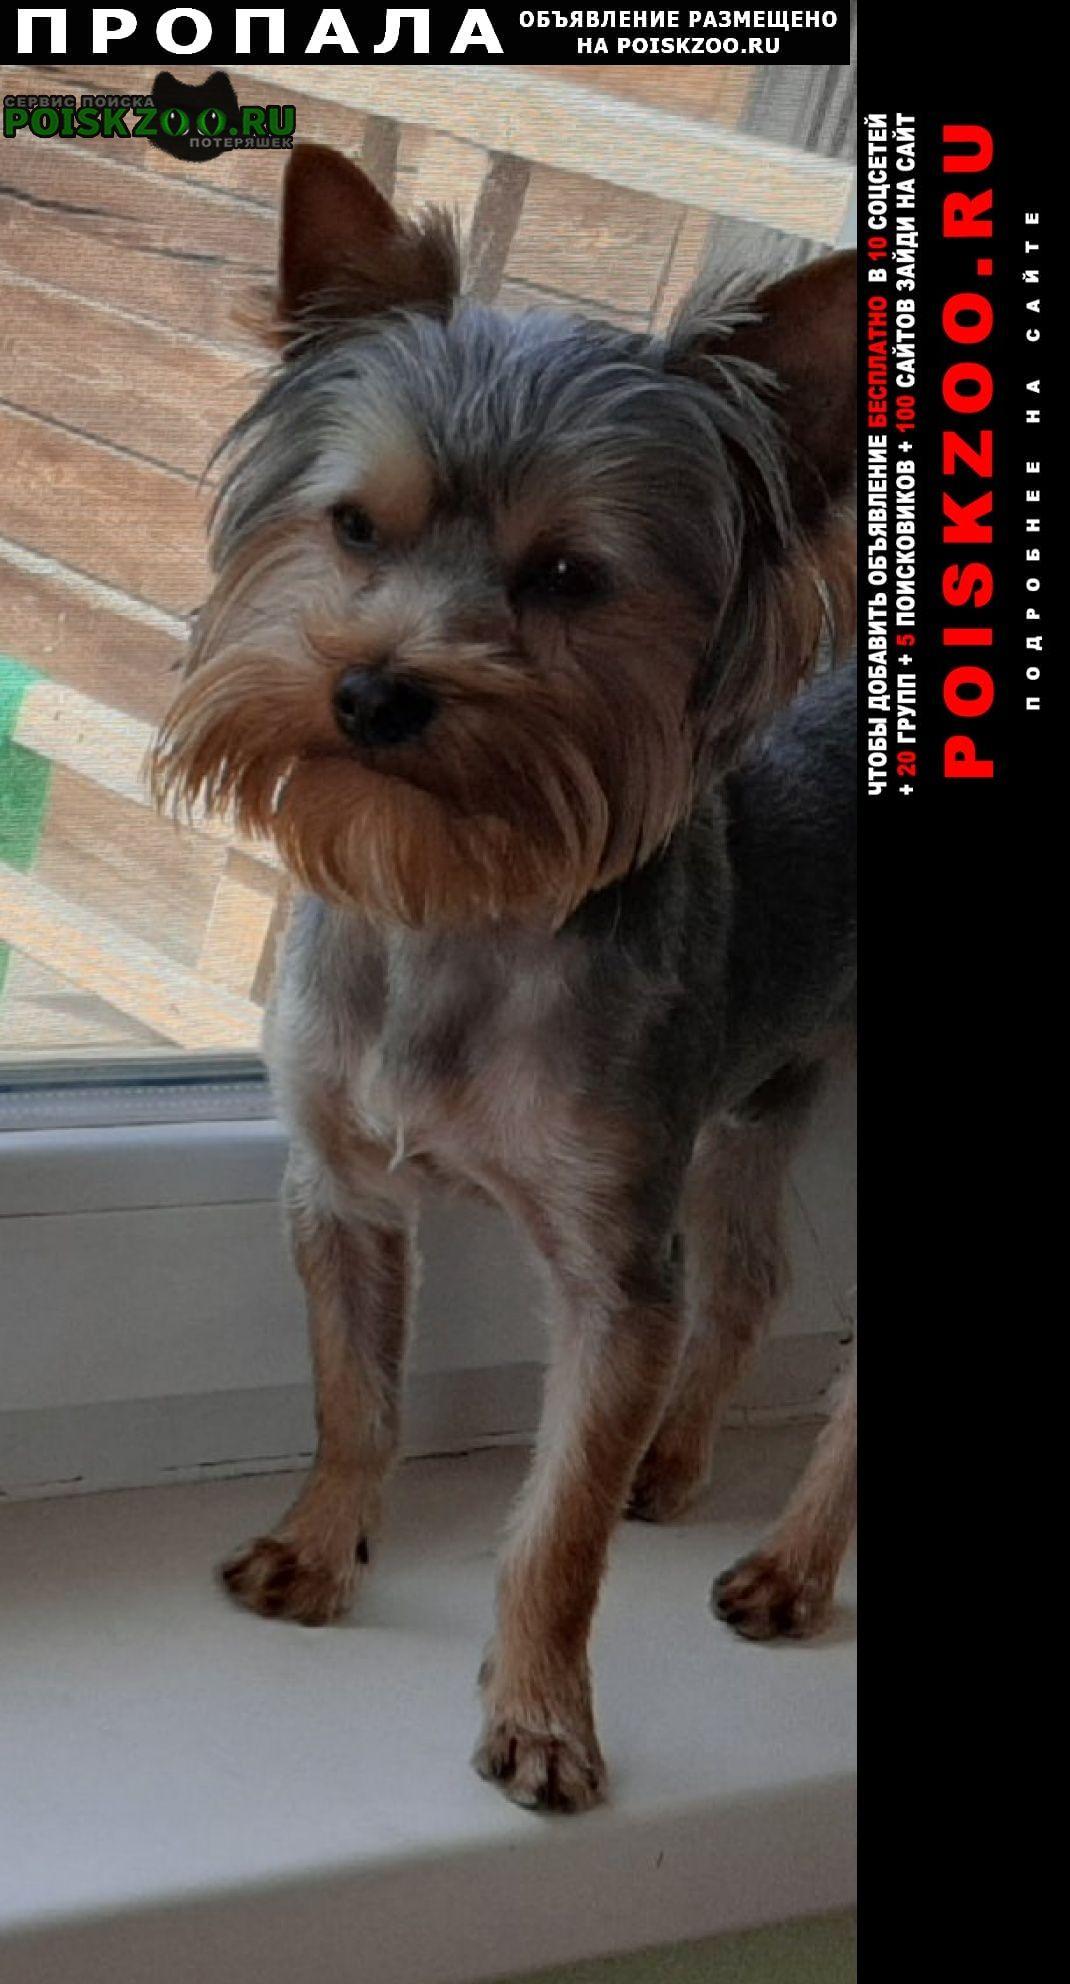 Пропала собака кобель Улан-Удэ